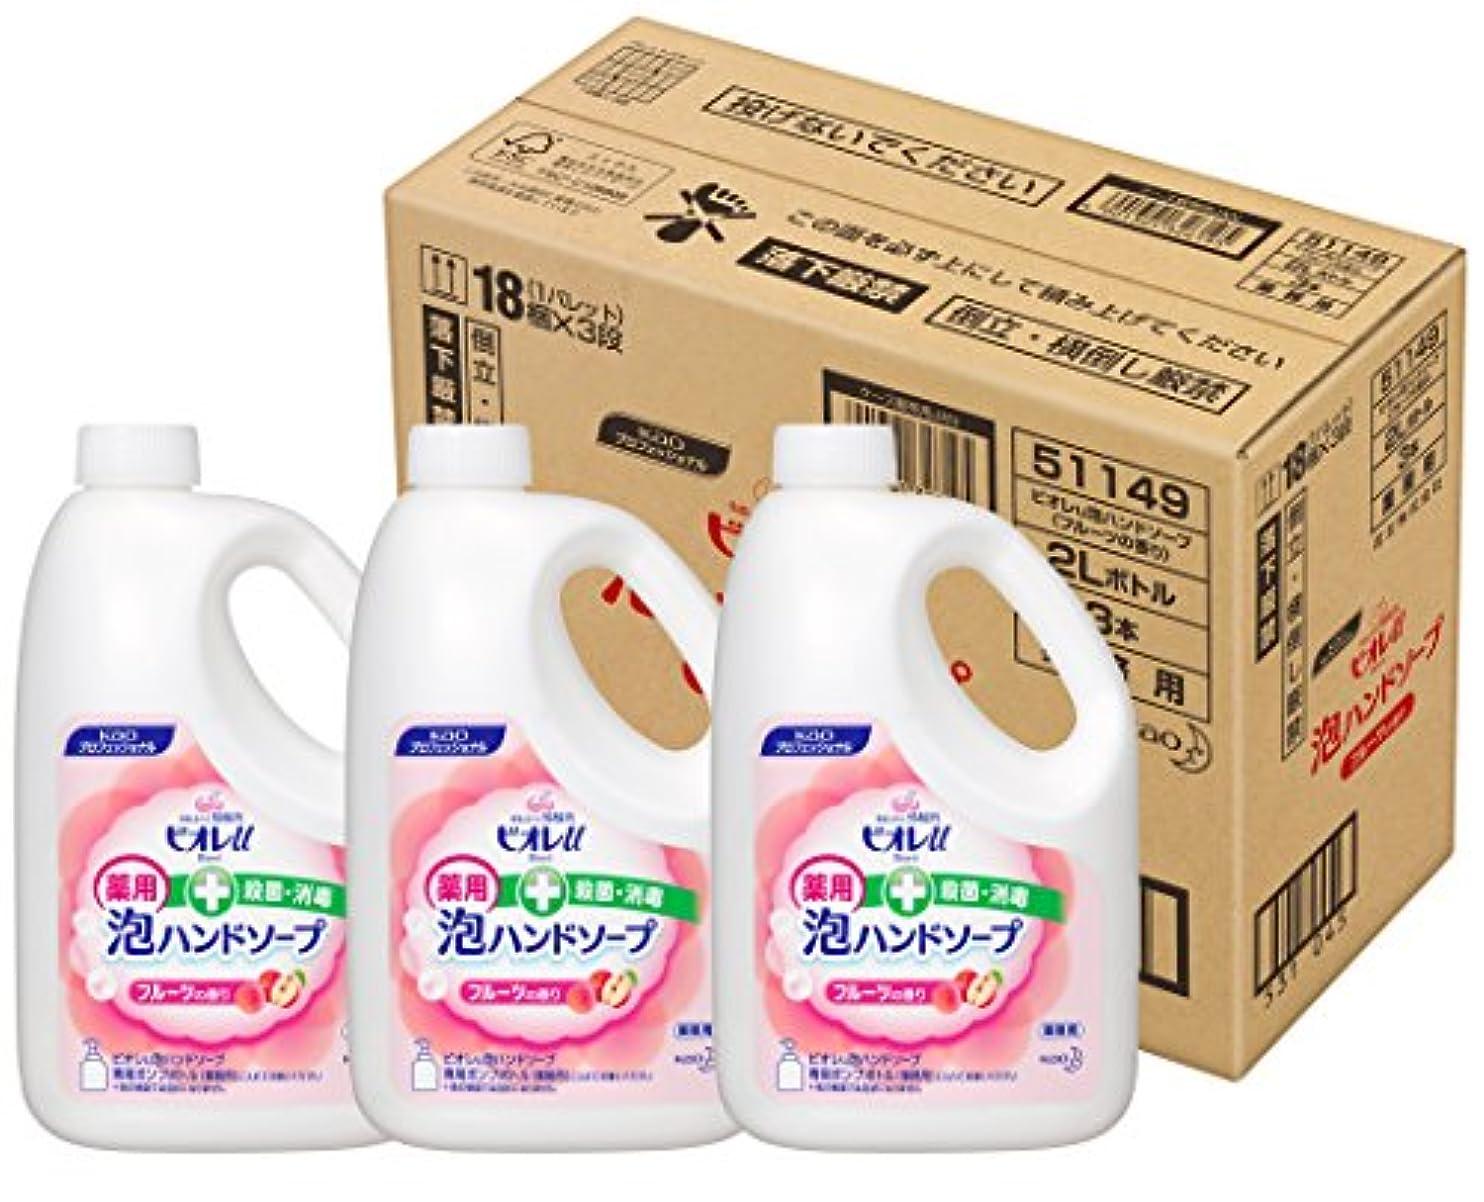 以上酔う追放する【ケース販売 業務用 泡ハンドソープ】ビオレu 泡ハンドソープ フルーツの香り 2L×3(プロフェッショナルシリーズ)